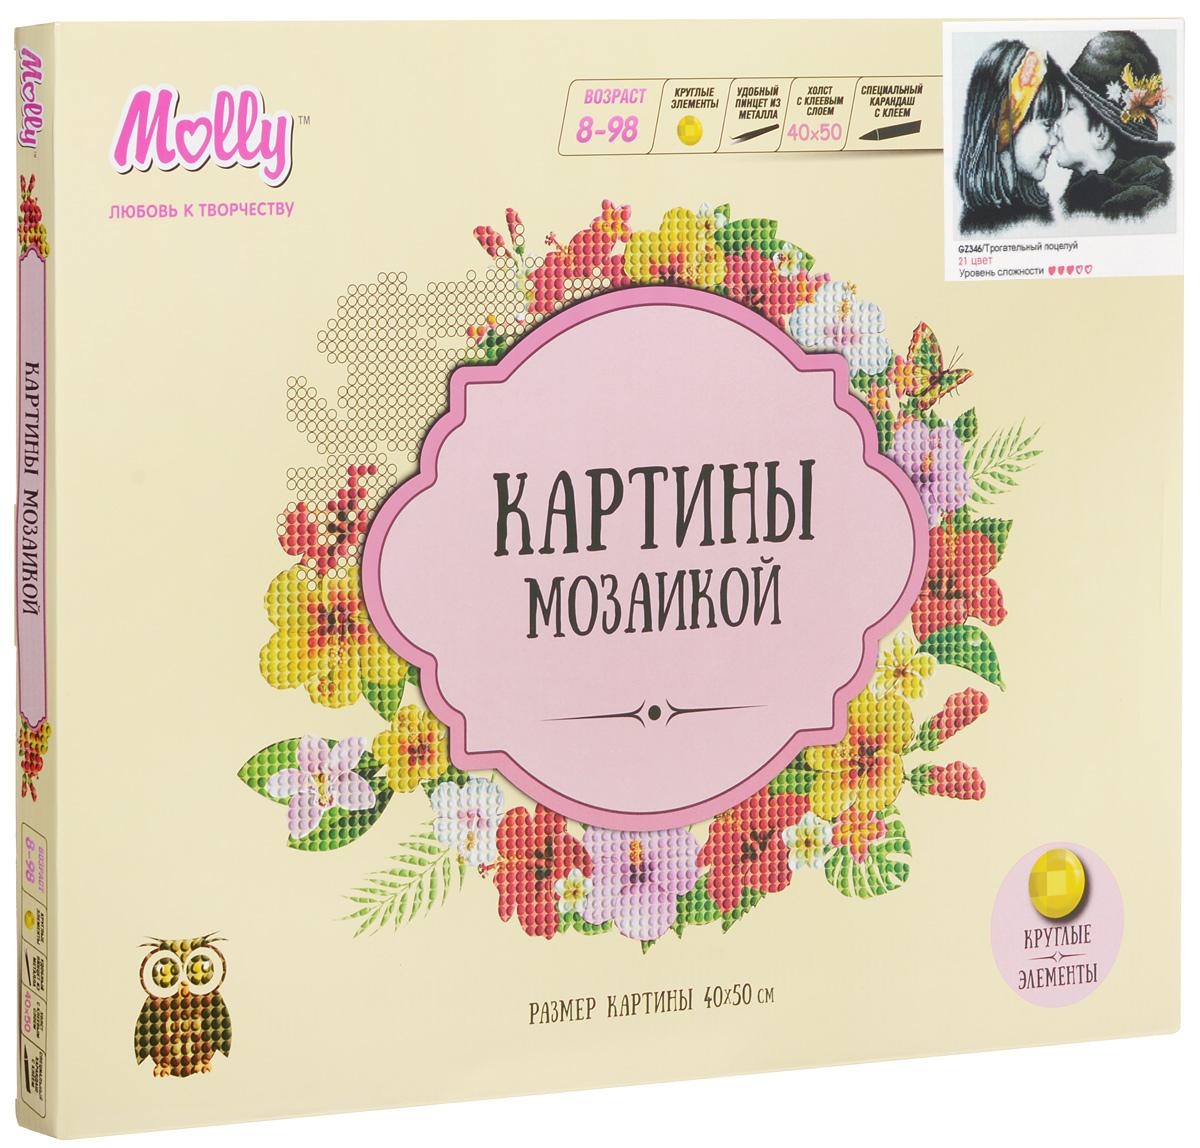 Molly Картина мозаикой Трогательный поцелуйGZ346Мозаичные картины - не что иное, как эскиз будущего рисунка, контур, нанесенный на холст. Рисунок разбит на маркированные буквой или цифрой сегменты. Каждой цифре или букве соответствует определенный цвет мозаики. Картина мозаикой Molly Трогательный поцелуй - это набор для рисования, в котором картина раскрашивается мозаикой. Мозаика представляет собой имитацию граненого драгоценного камня или стекла. Самое главное, занятие не требует какой-либо дополнительной подготовки. Это увлекательный и полезный досуг для детей и взрослых. В наборе содержатся мозаичные элементы различных цветов и оттенков. Как часто понятию творчество сопутствует ассоциация творческий беспорядок! Набор Molly позволит избежать беспорядка или свести его к минимуму. Для этого в набор включен контейнер для элементов мозаики, а также удобный металлический пинцет для работы с мелкими элементами. К тому же, клеевая основа холста позволит обойтись без клея и оставить руки чистыми....